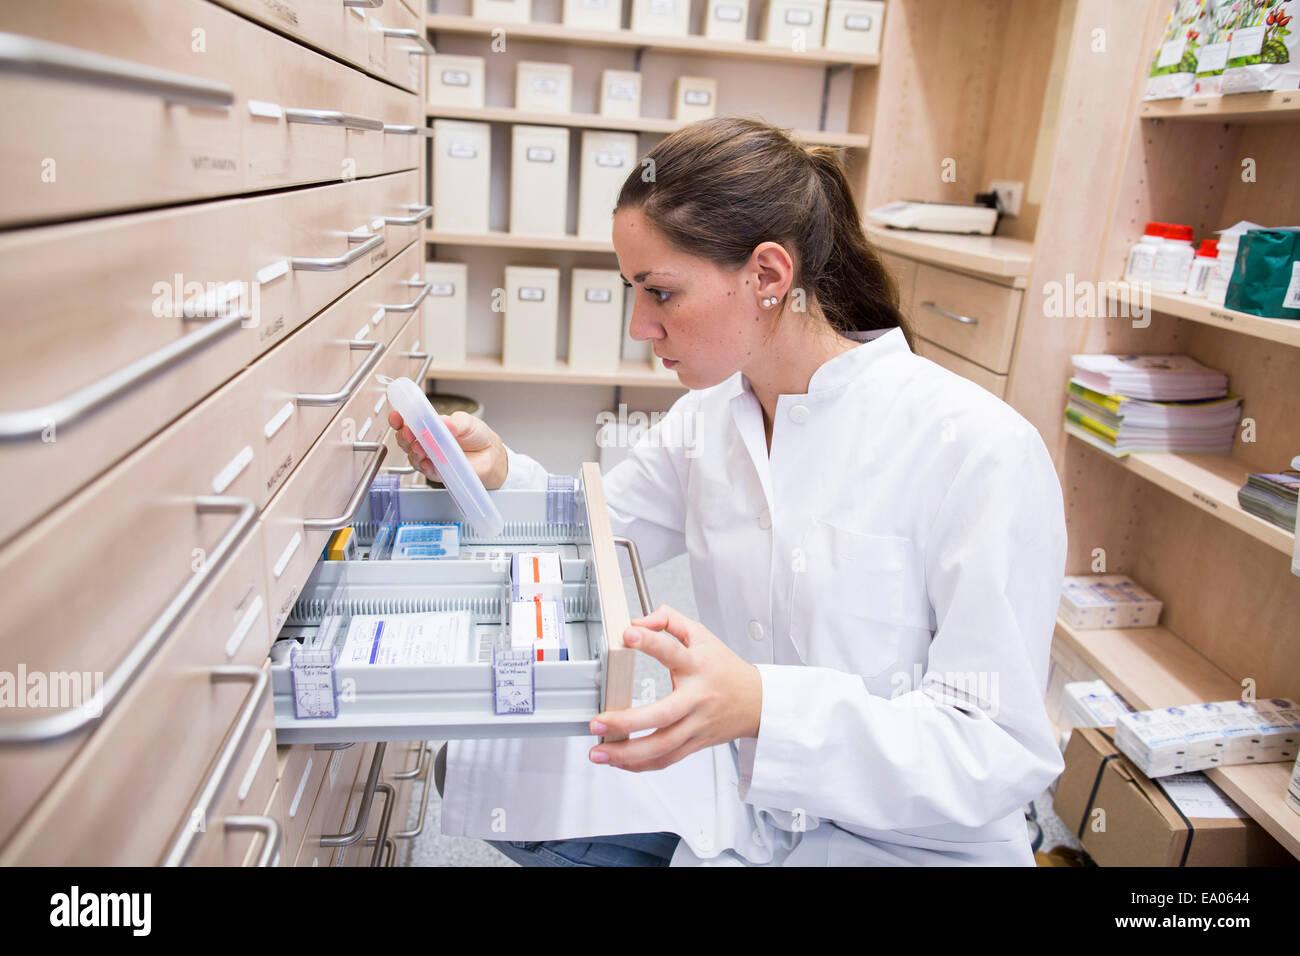 Farmacéutico en la farmacia de medicina apertura cajón archivo Imagen De Stock